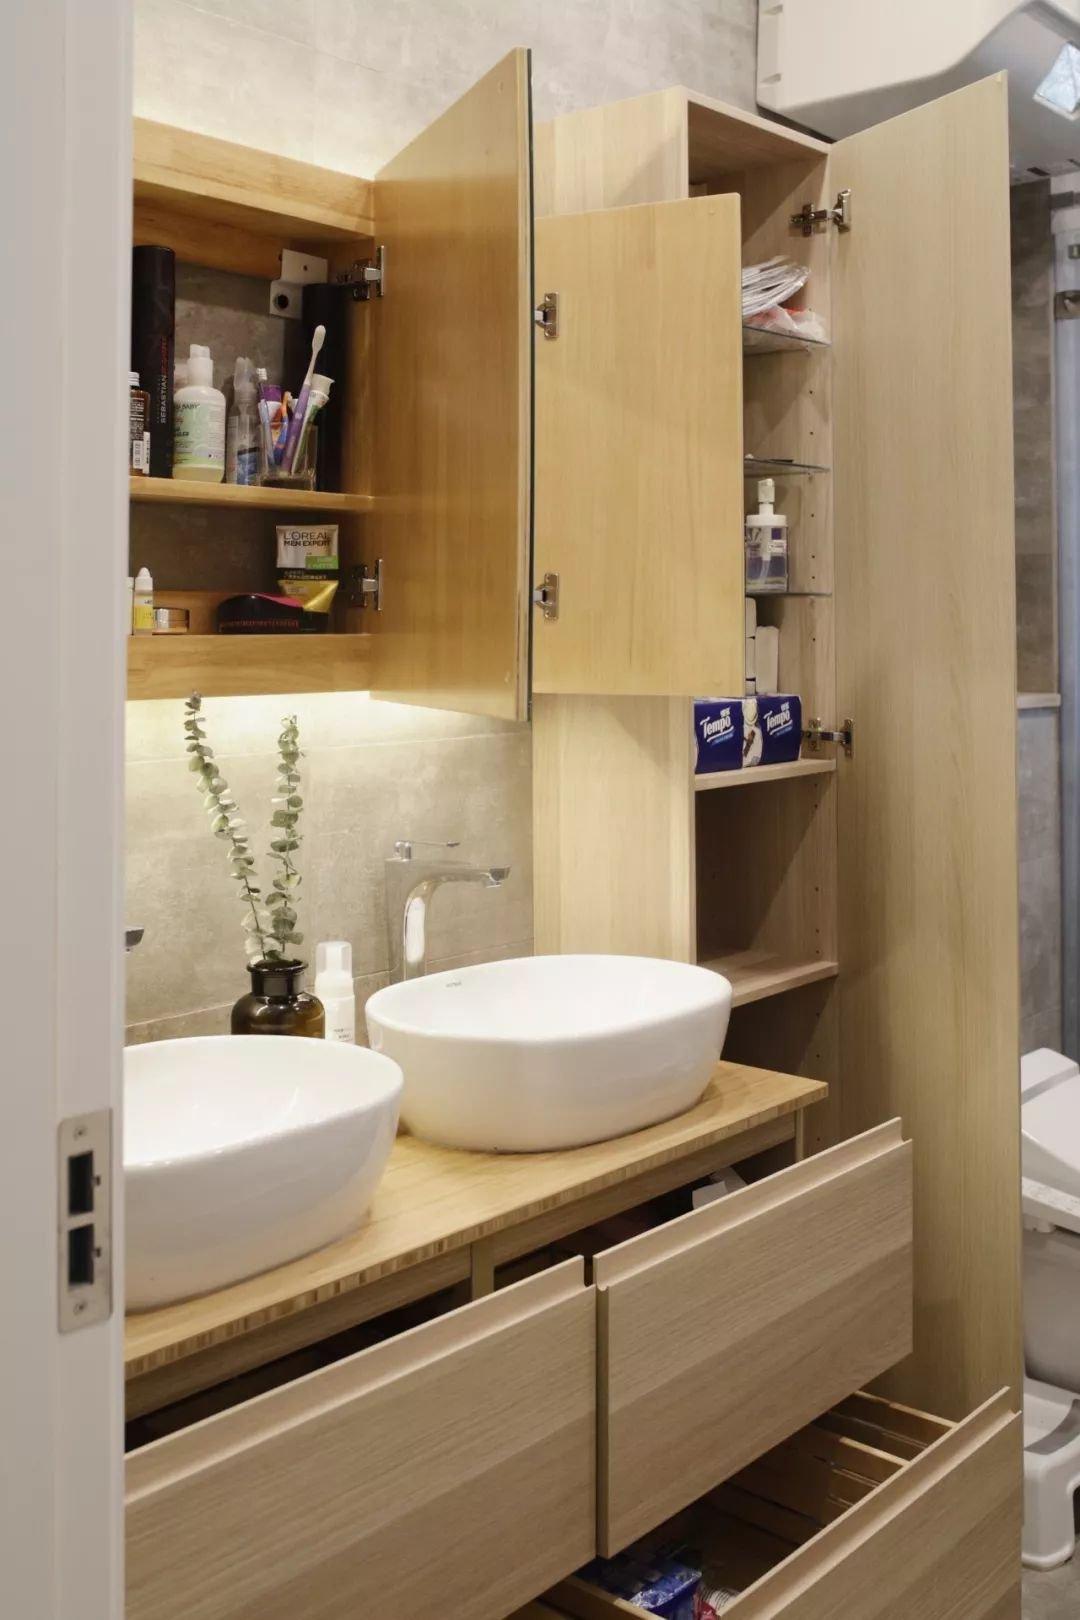 卫生间就一洗漱柜太小了 在旁边打一排高柜